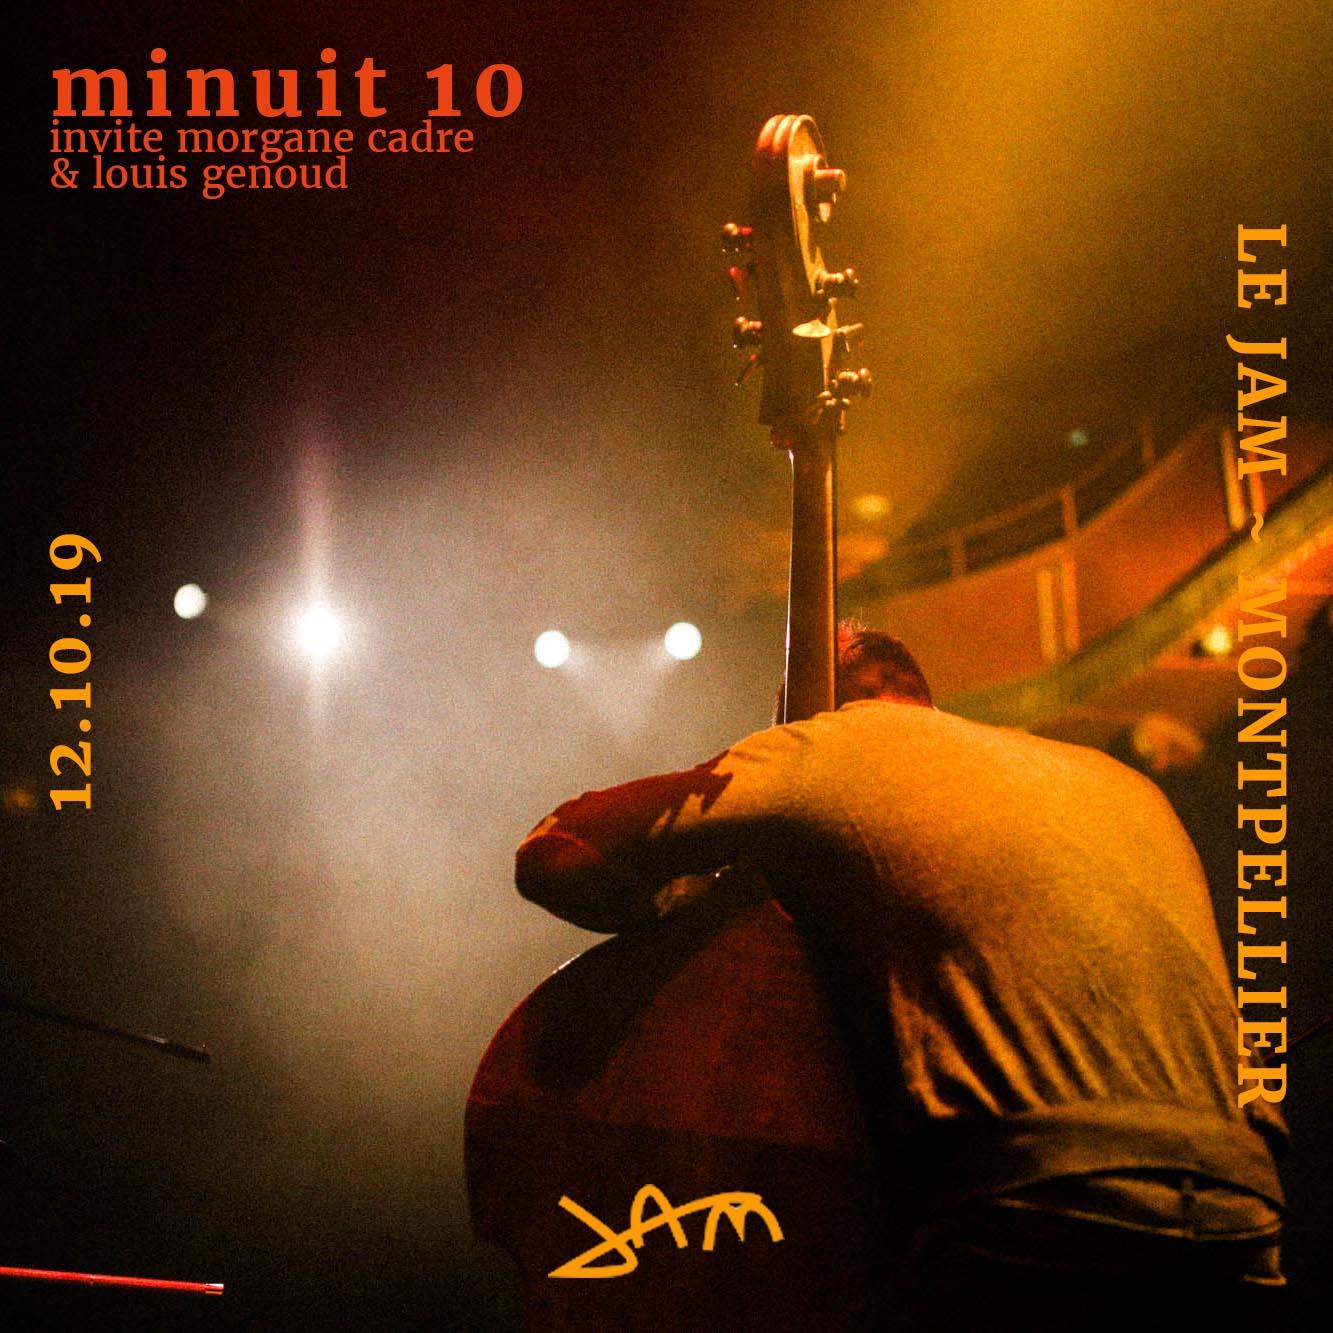 Le jazz innovant de Minuit 10 ce soir au Jam